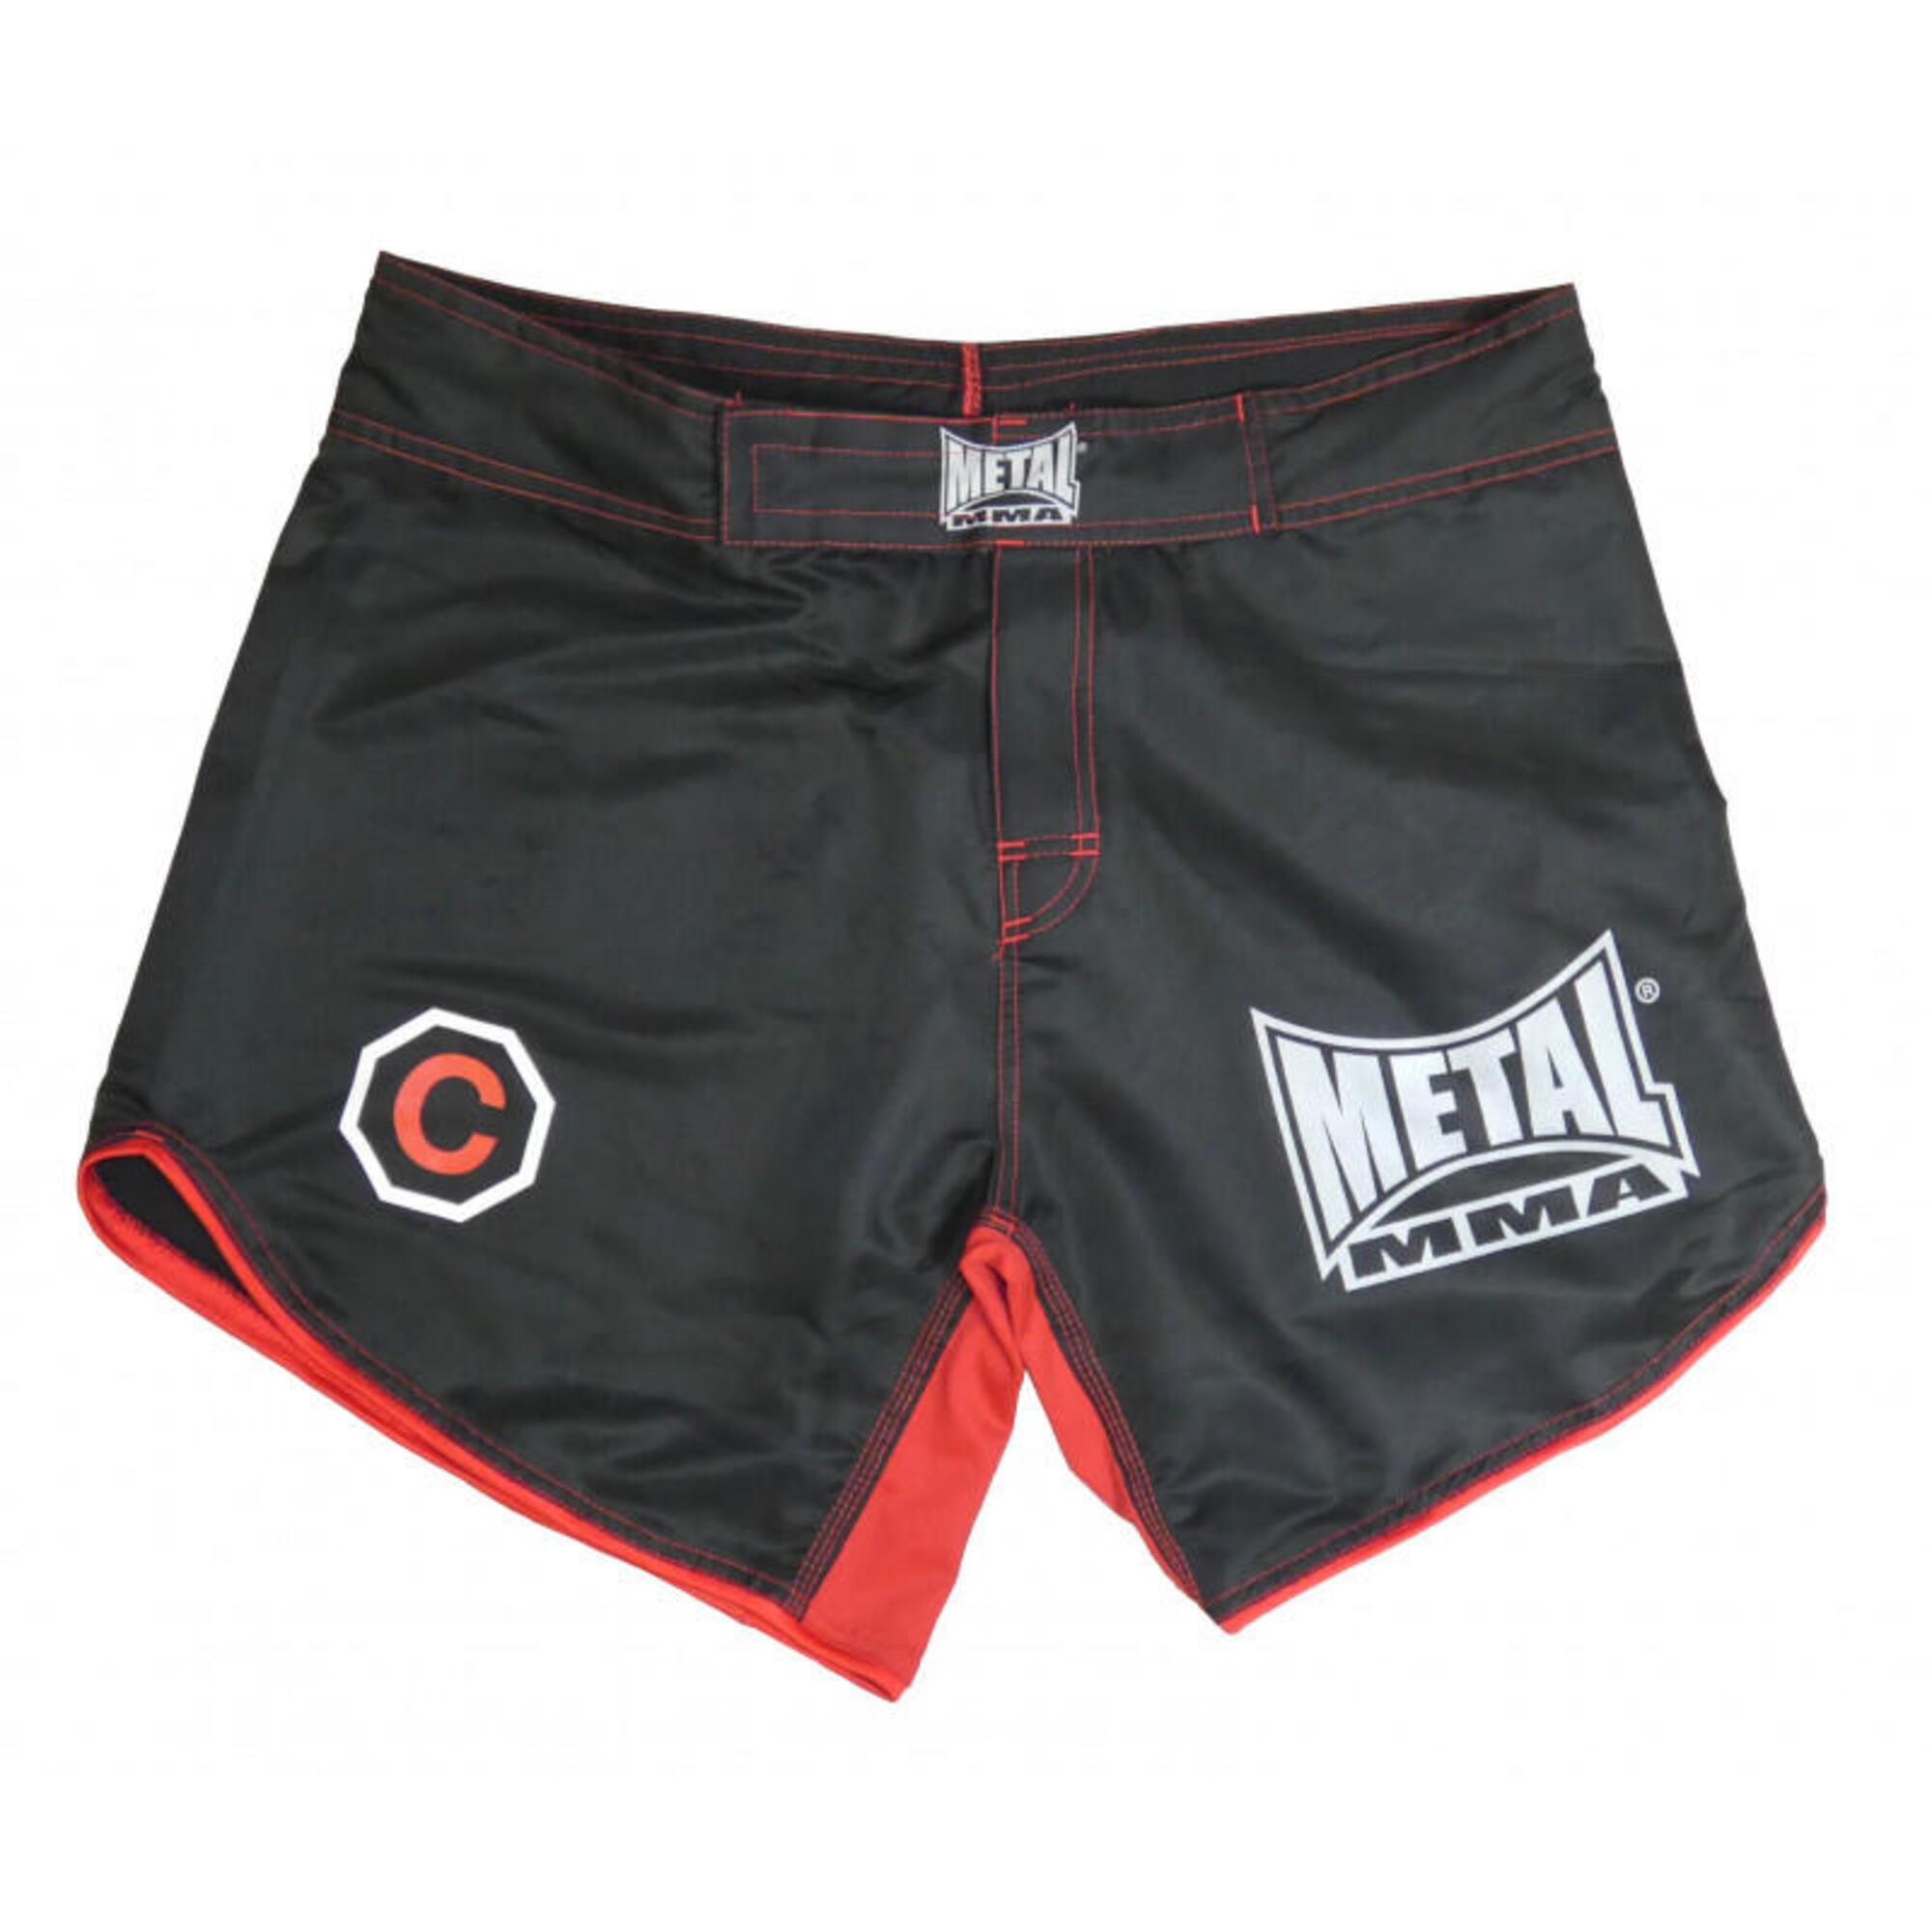 MMA short courage Metal Boxe